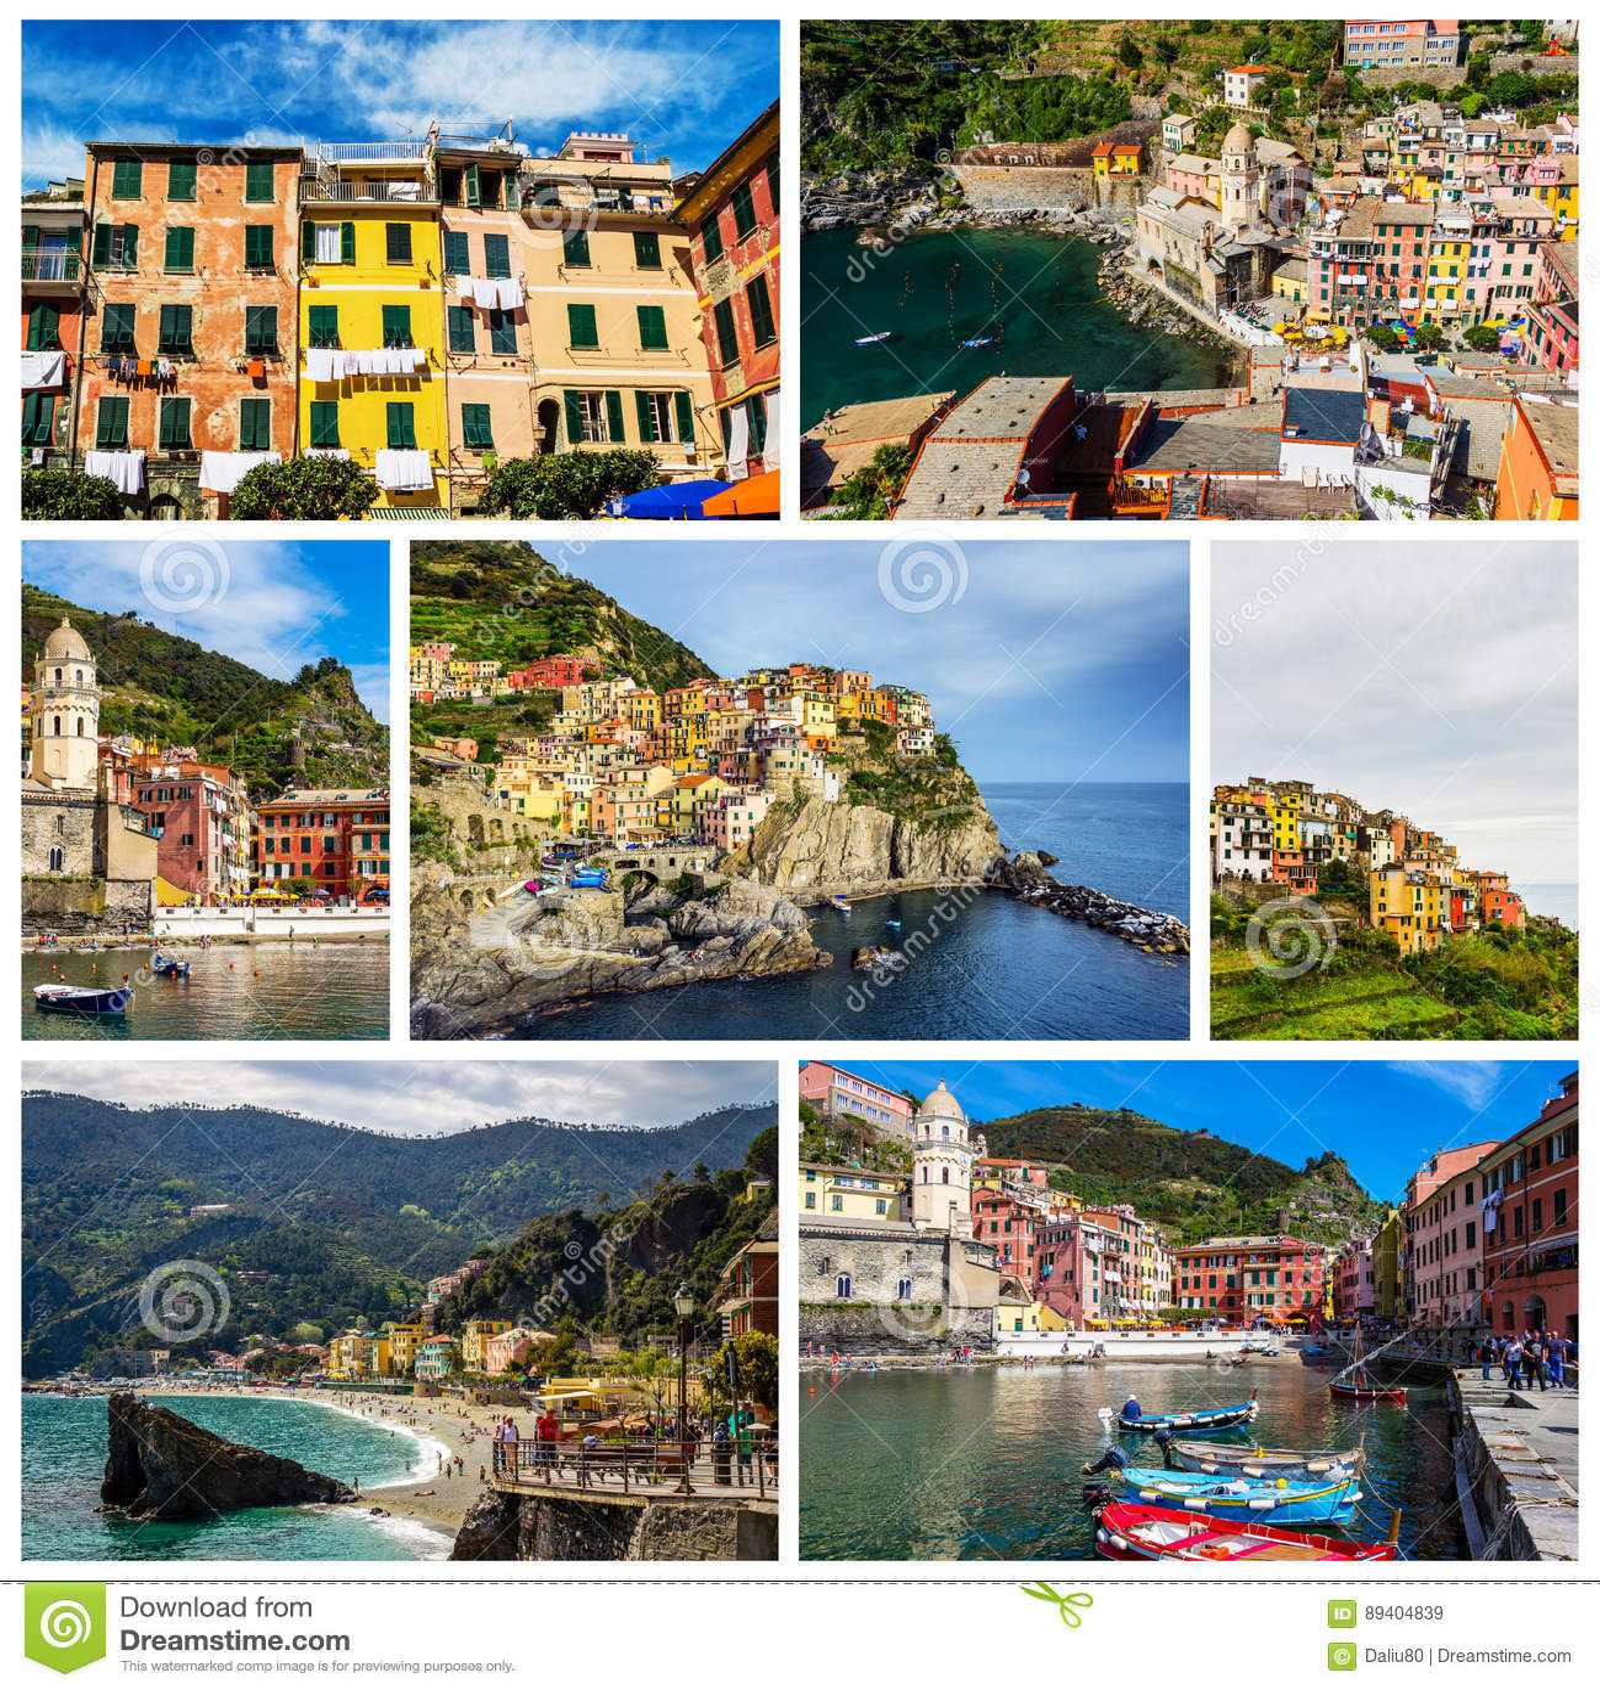 Colagem de fotos de Cinque Terre em Itália (Vernazza, Manarola, segunda-feira